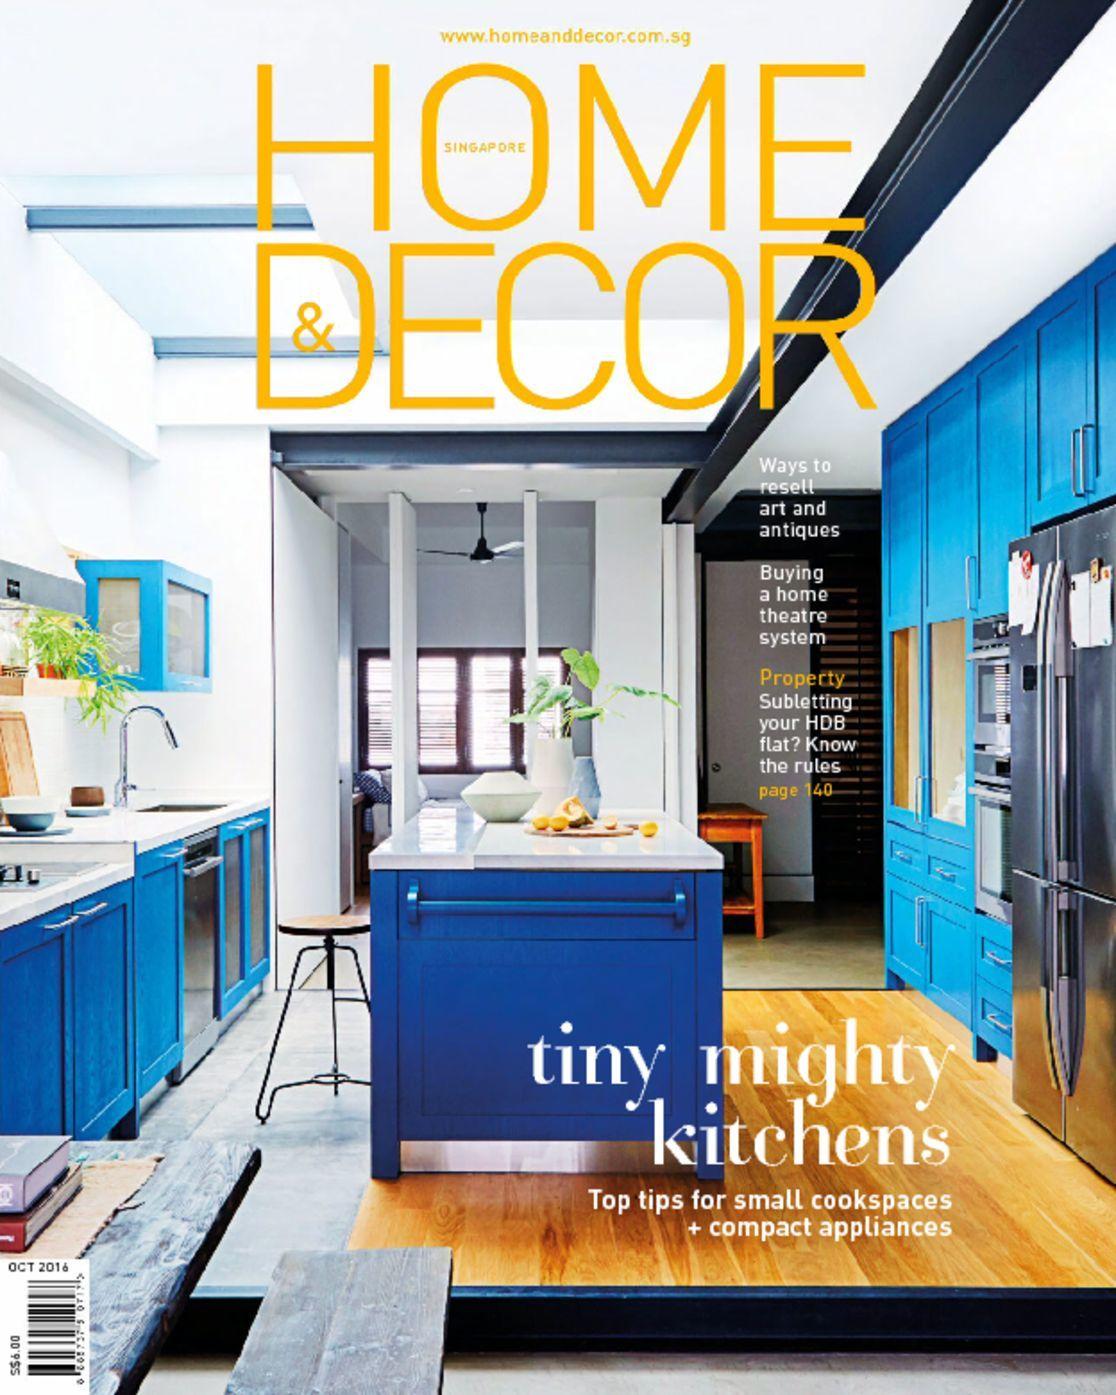 Home Decor Digital Magazine DiscountMagscom